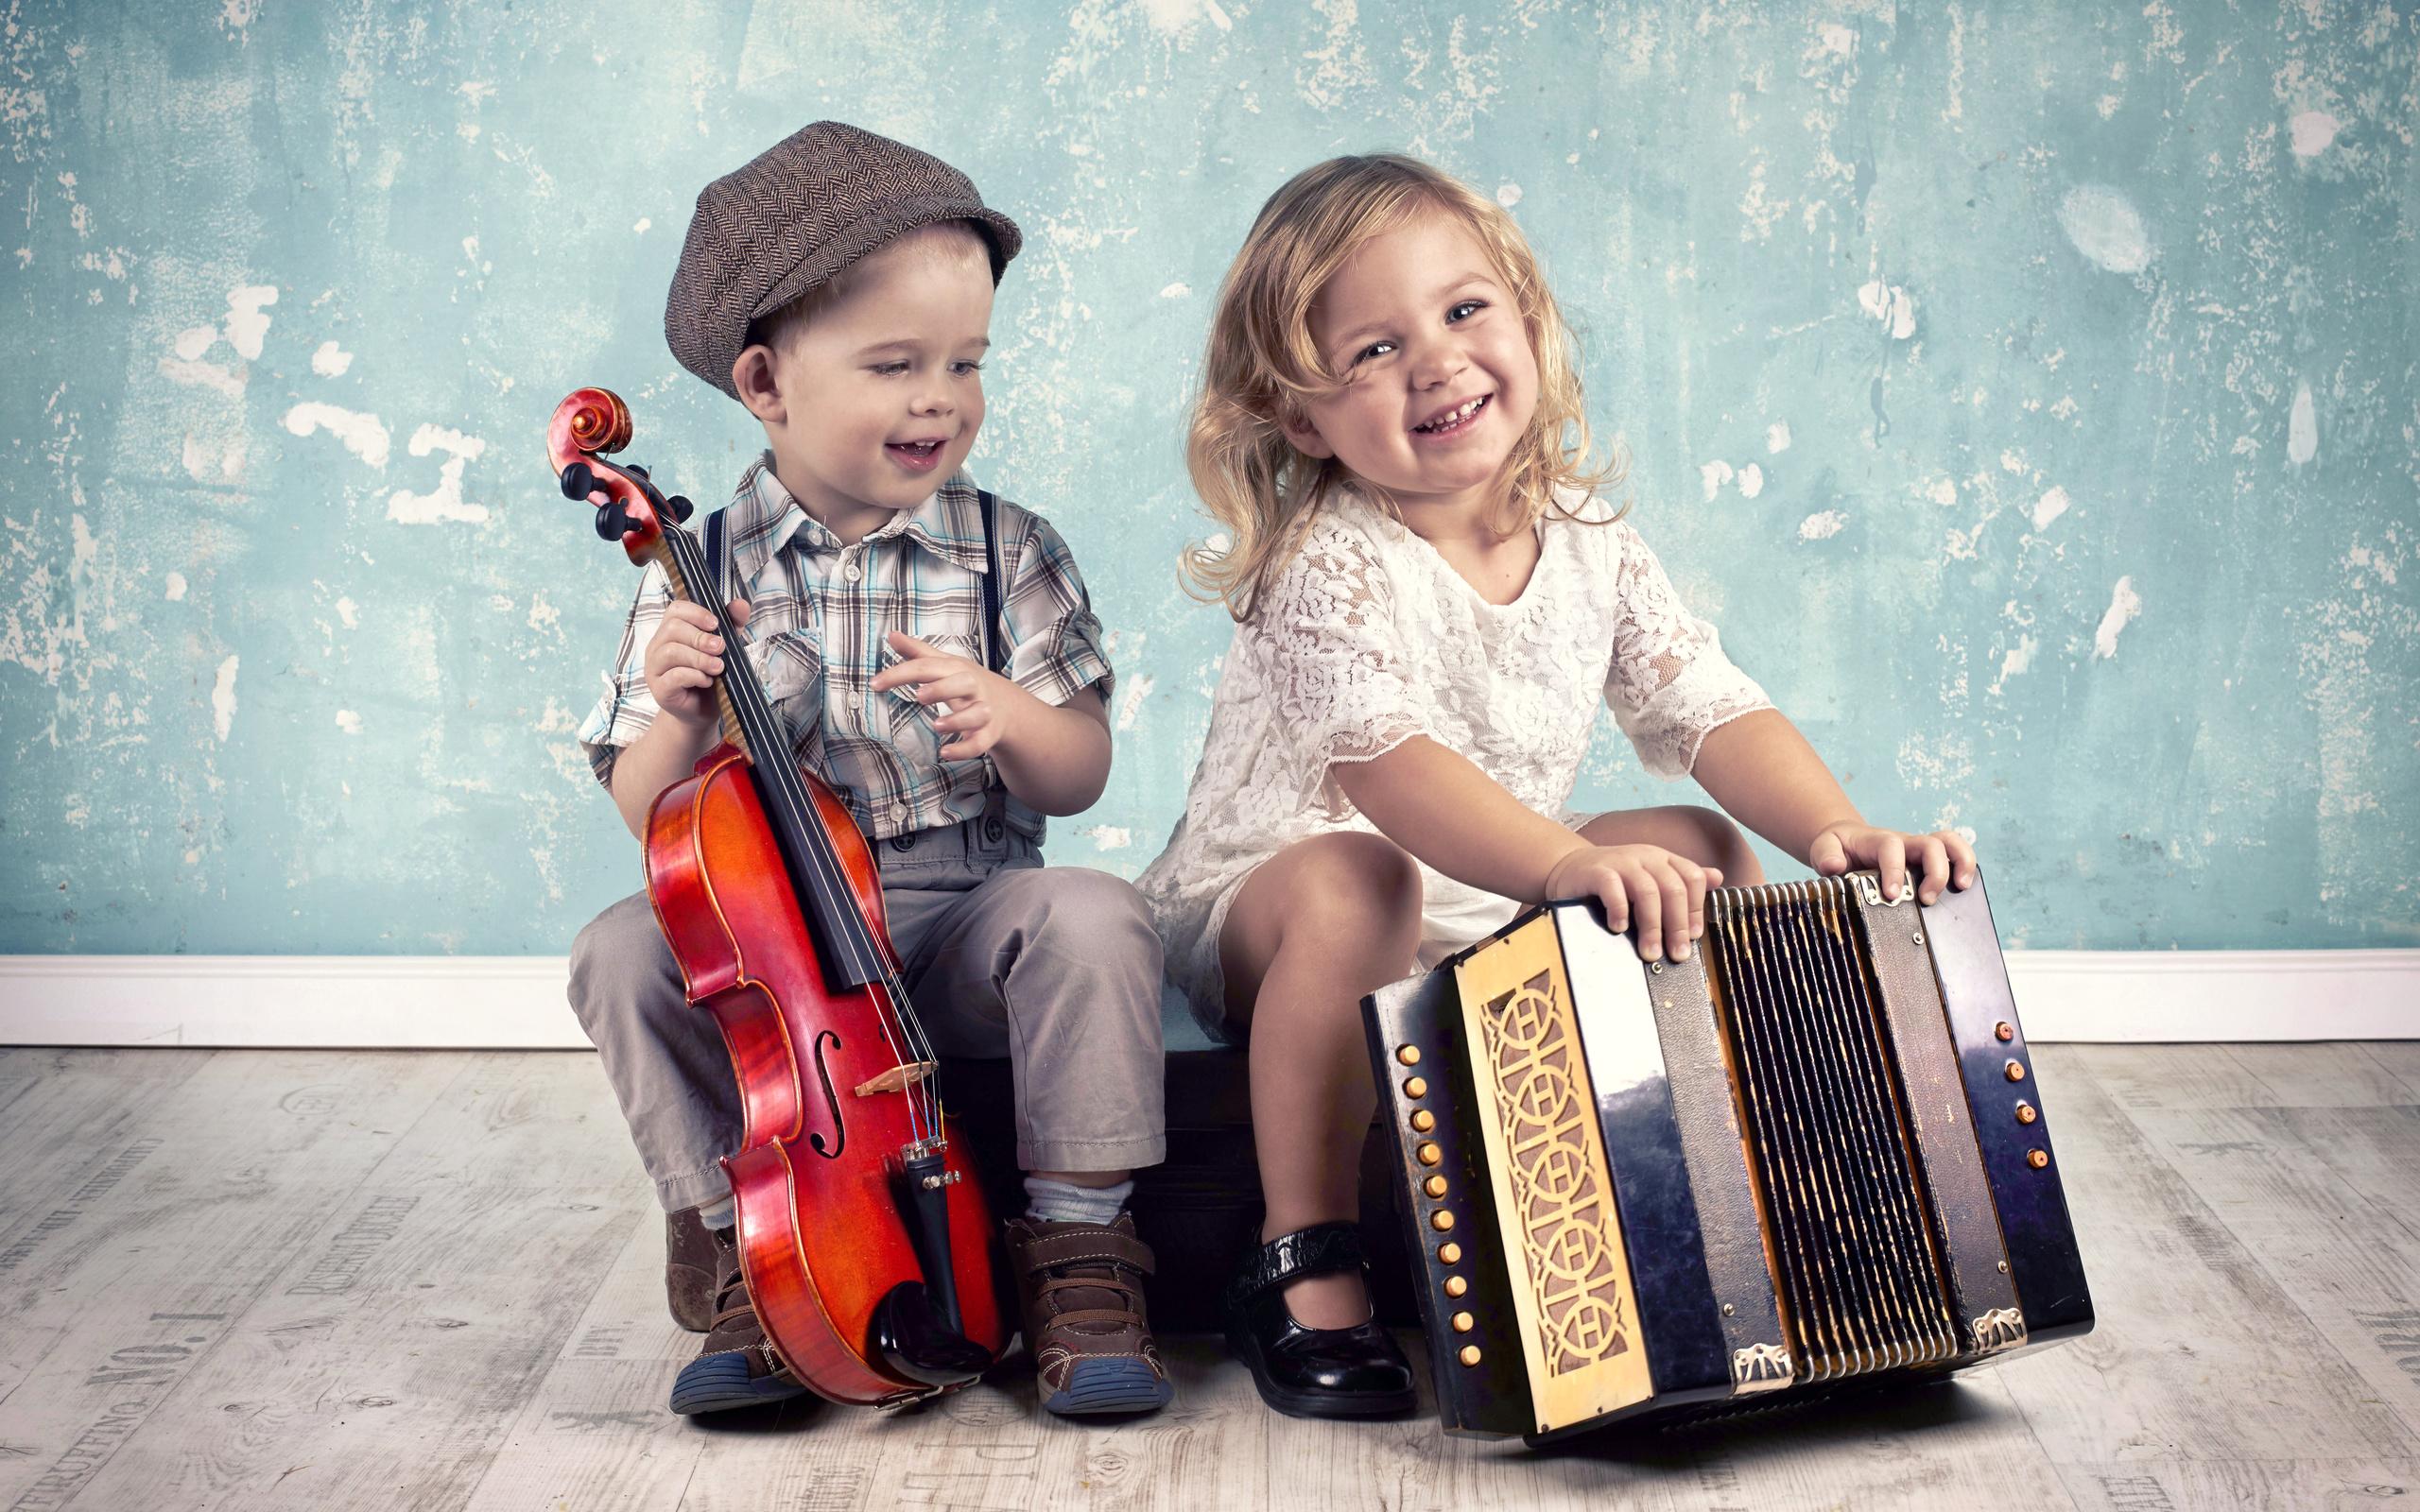 Гофрированной, музыкальная школа прикольные картинки